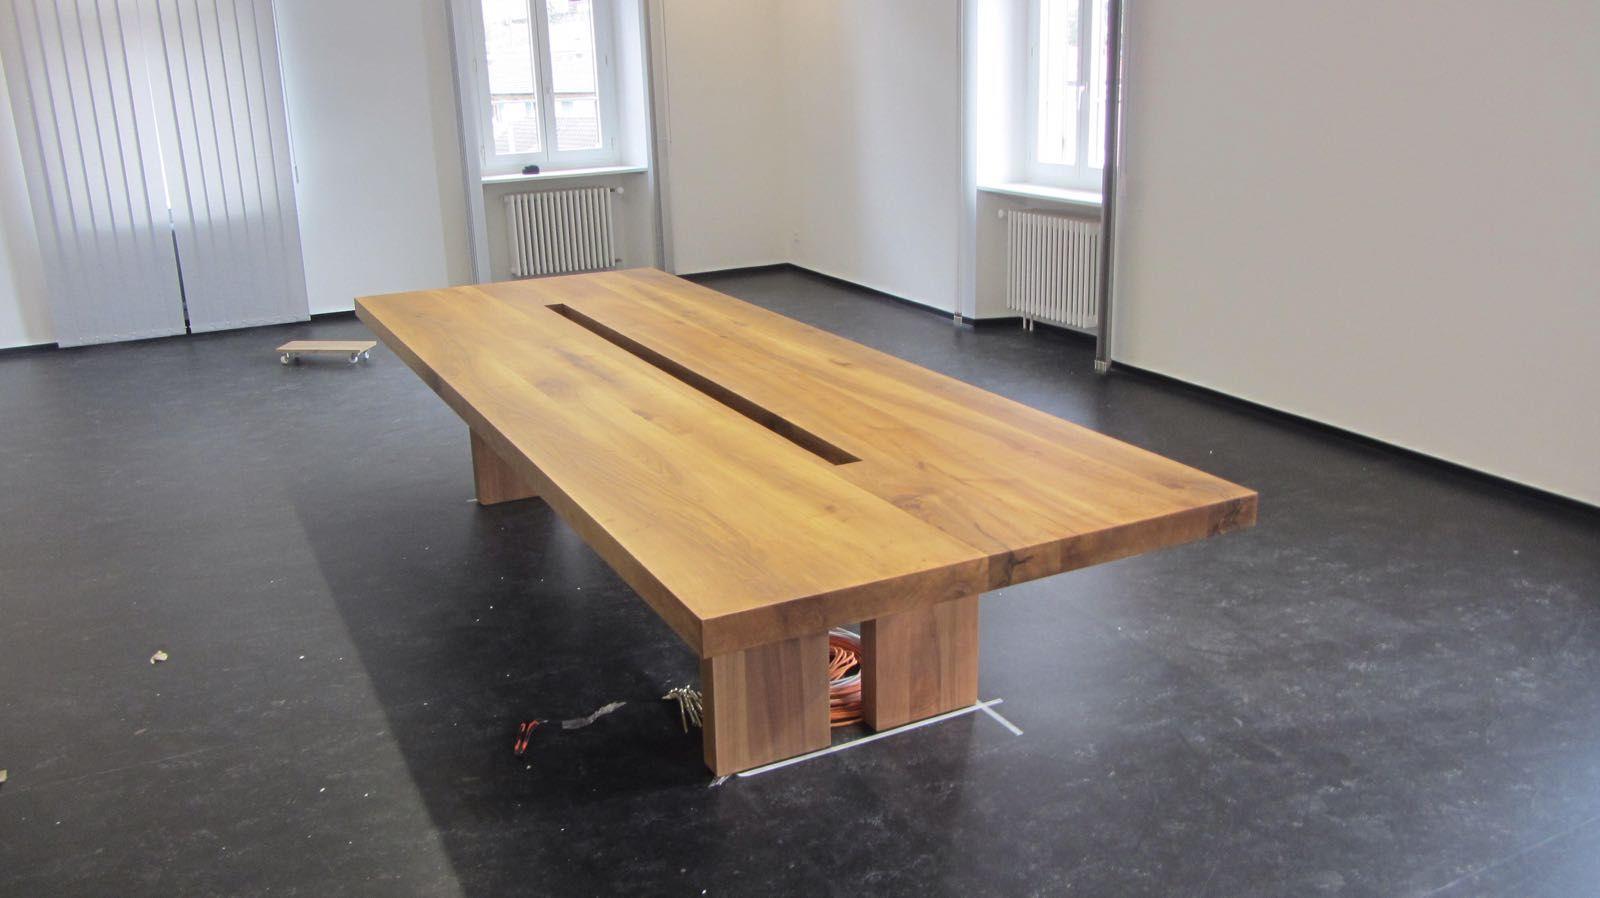 Tavolo Per Riunioni Legno.Tavoli In Legno Roma Nel 2019 Tavoli In Legno Tavoli E